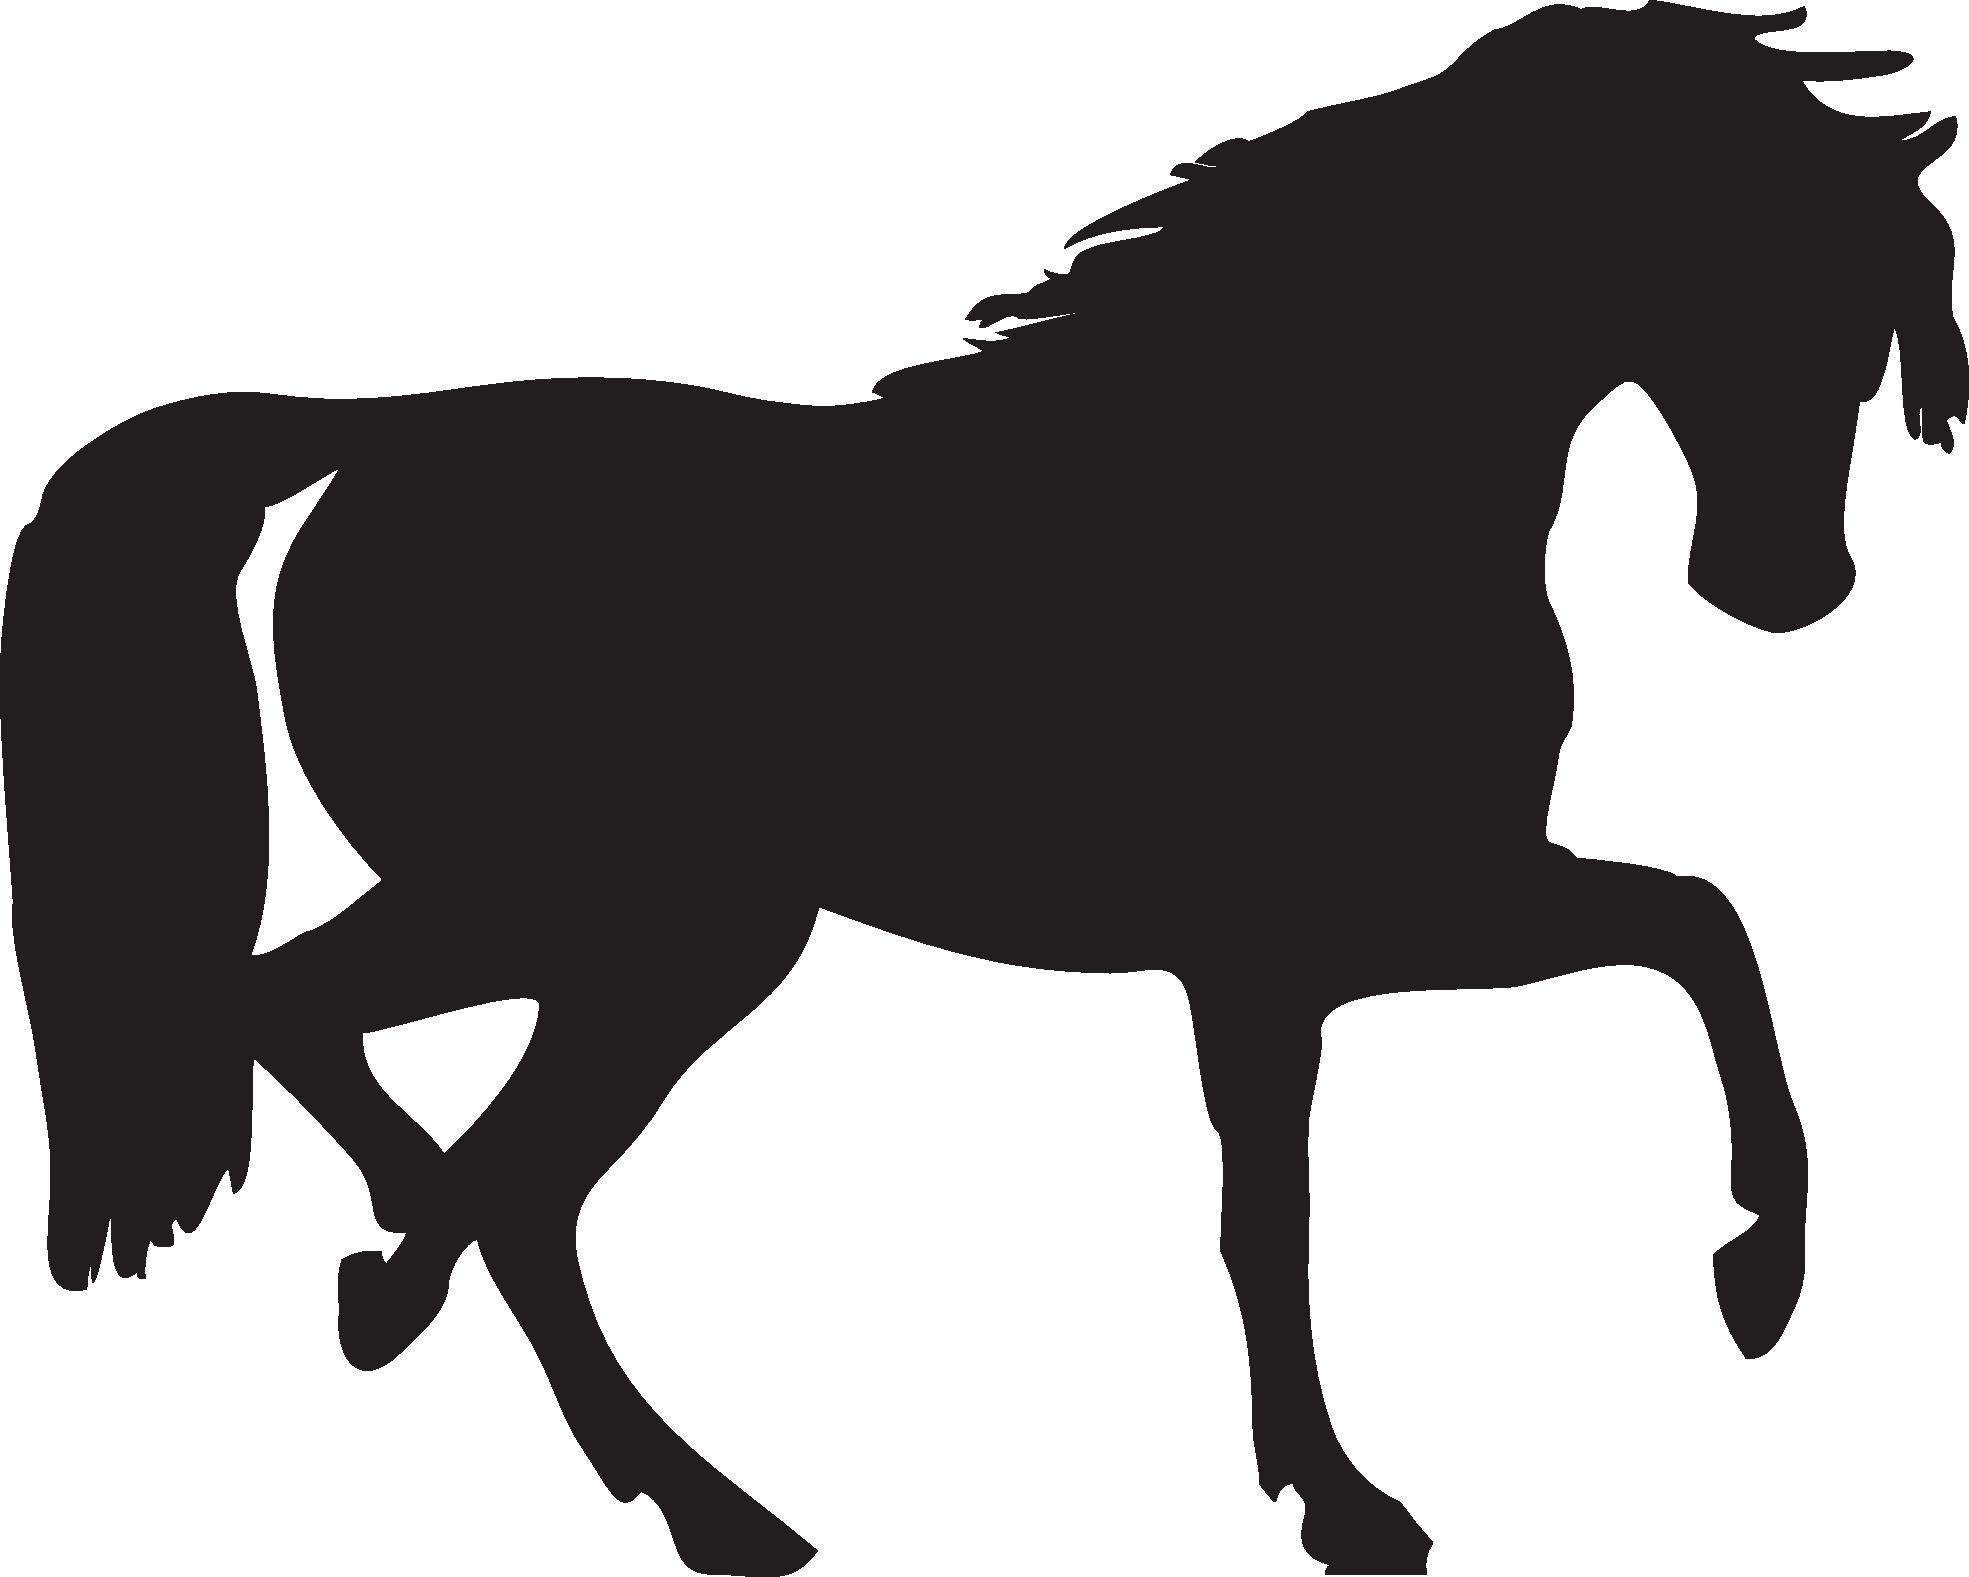 Horse clipart equine. Black siluete png image